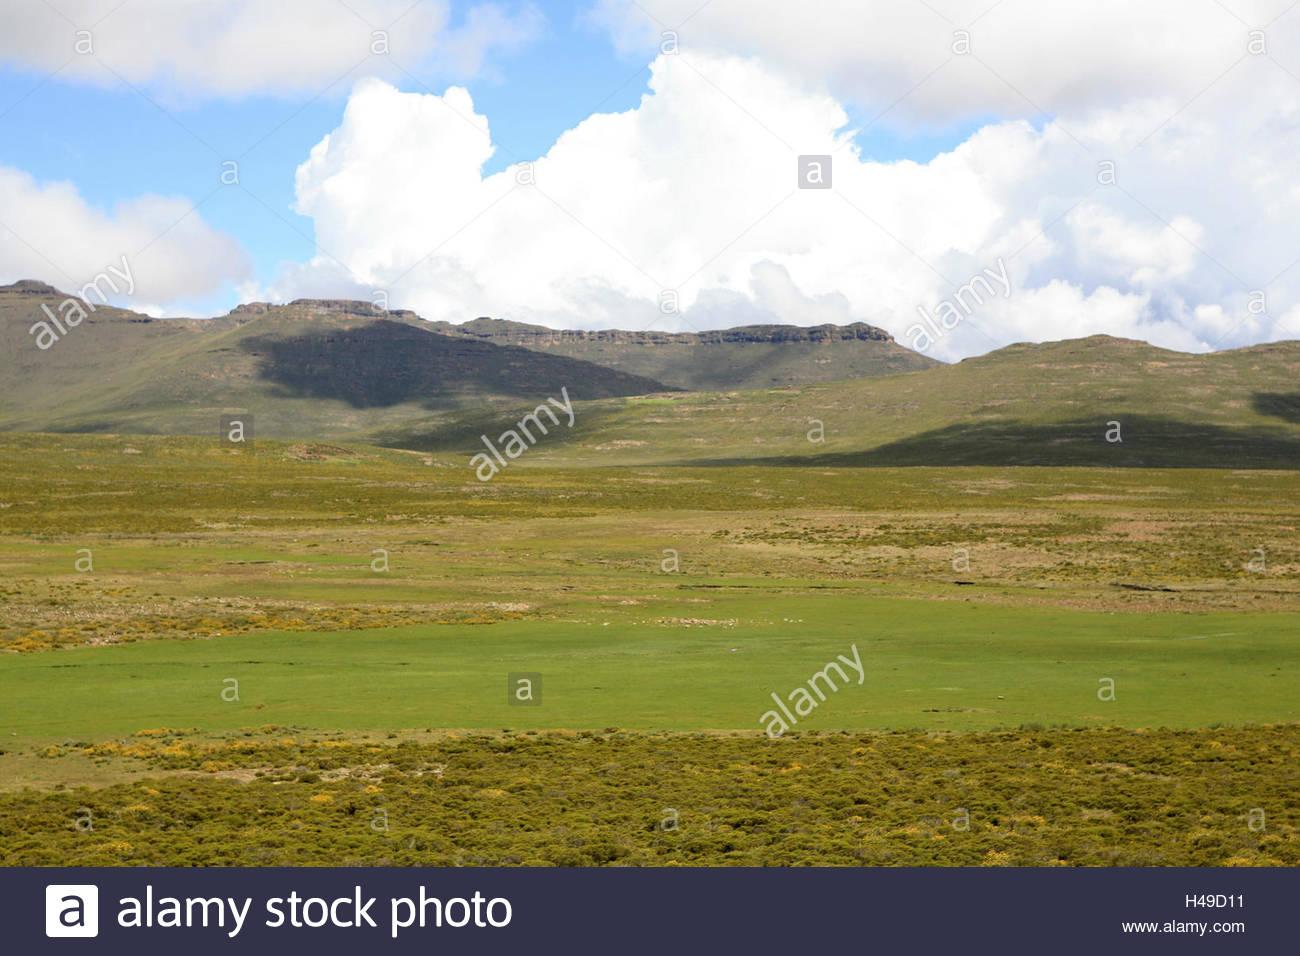 Africa, southern Africa, Lesotho, early Basutoland, province of Mokhotlong, Drakensberge, - Stock Image